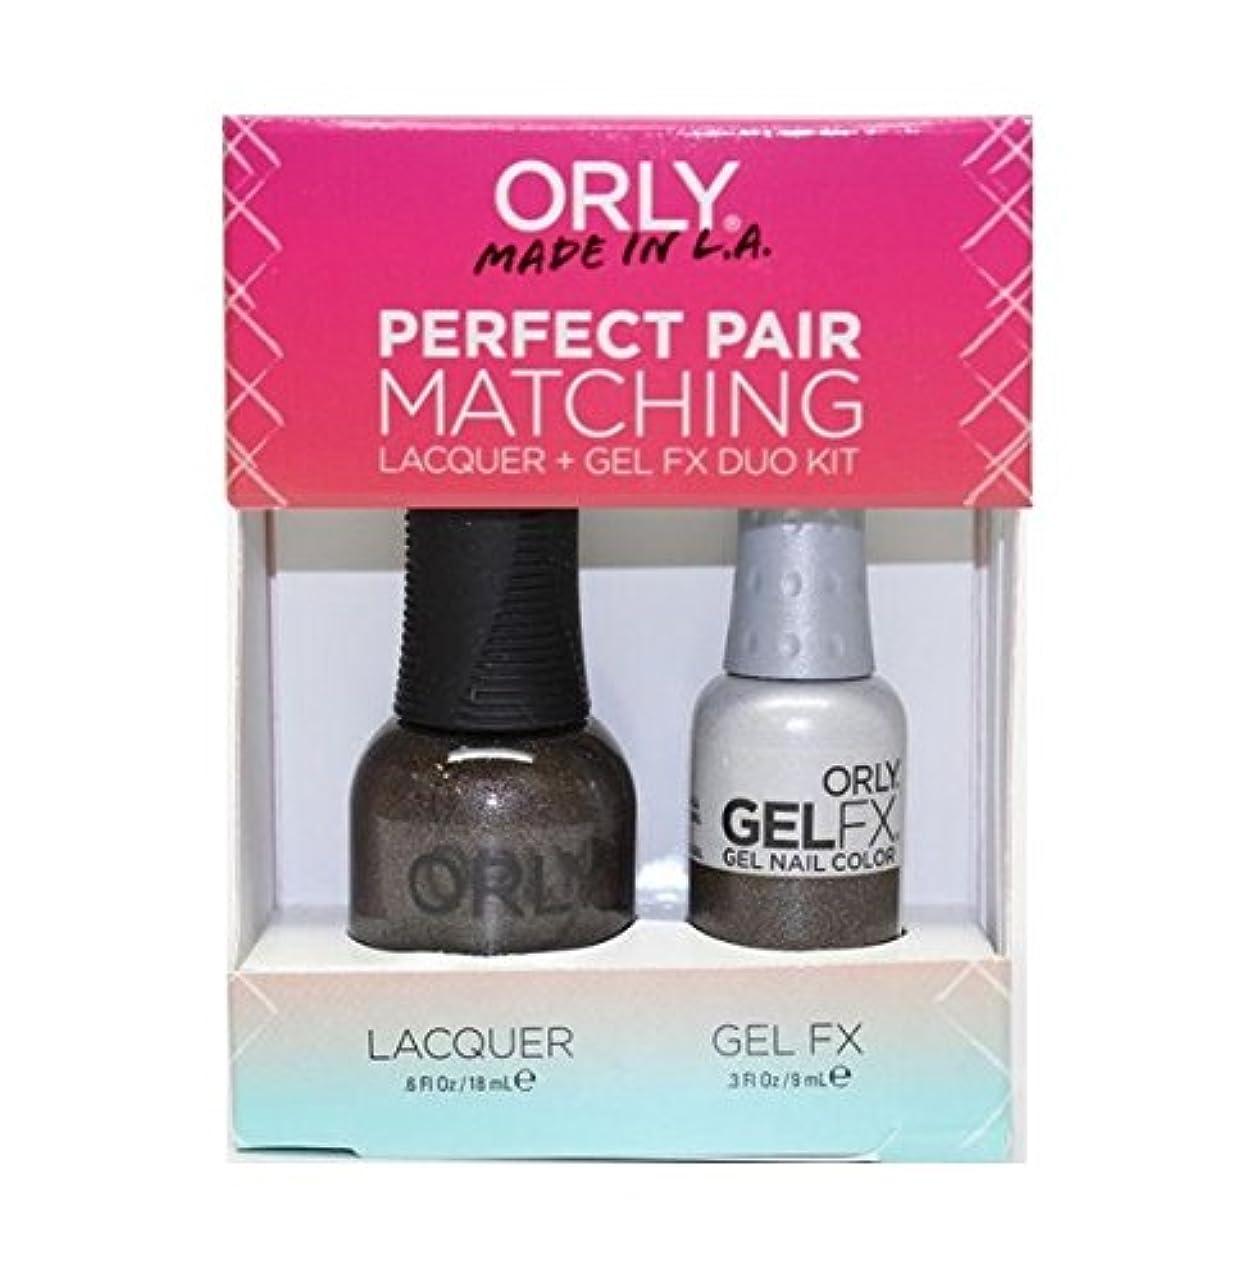 知覚的発火する取り扱いOrly - Perfect Pair Matching Lacquer+Gel FX Kit - Seagurl - 0.6 oz / 0.3 oz